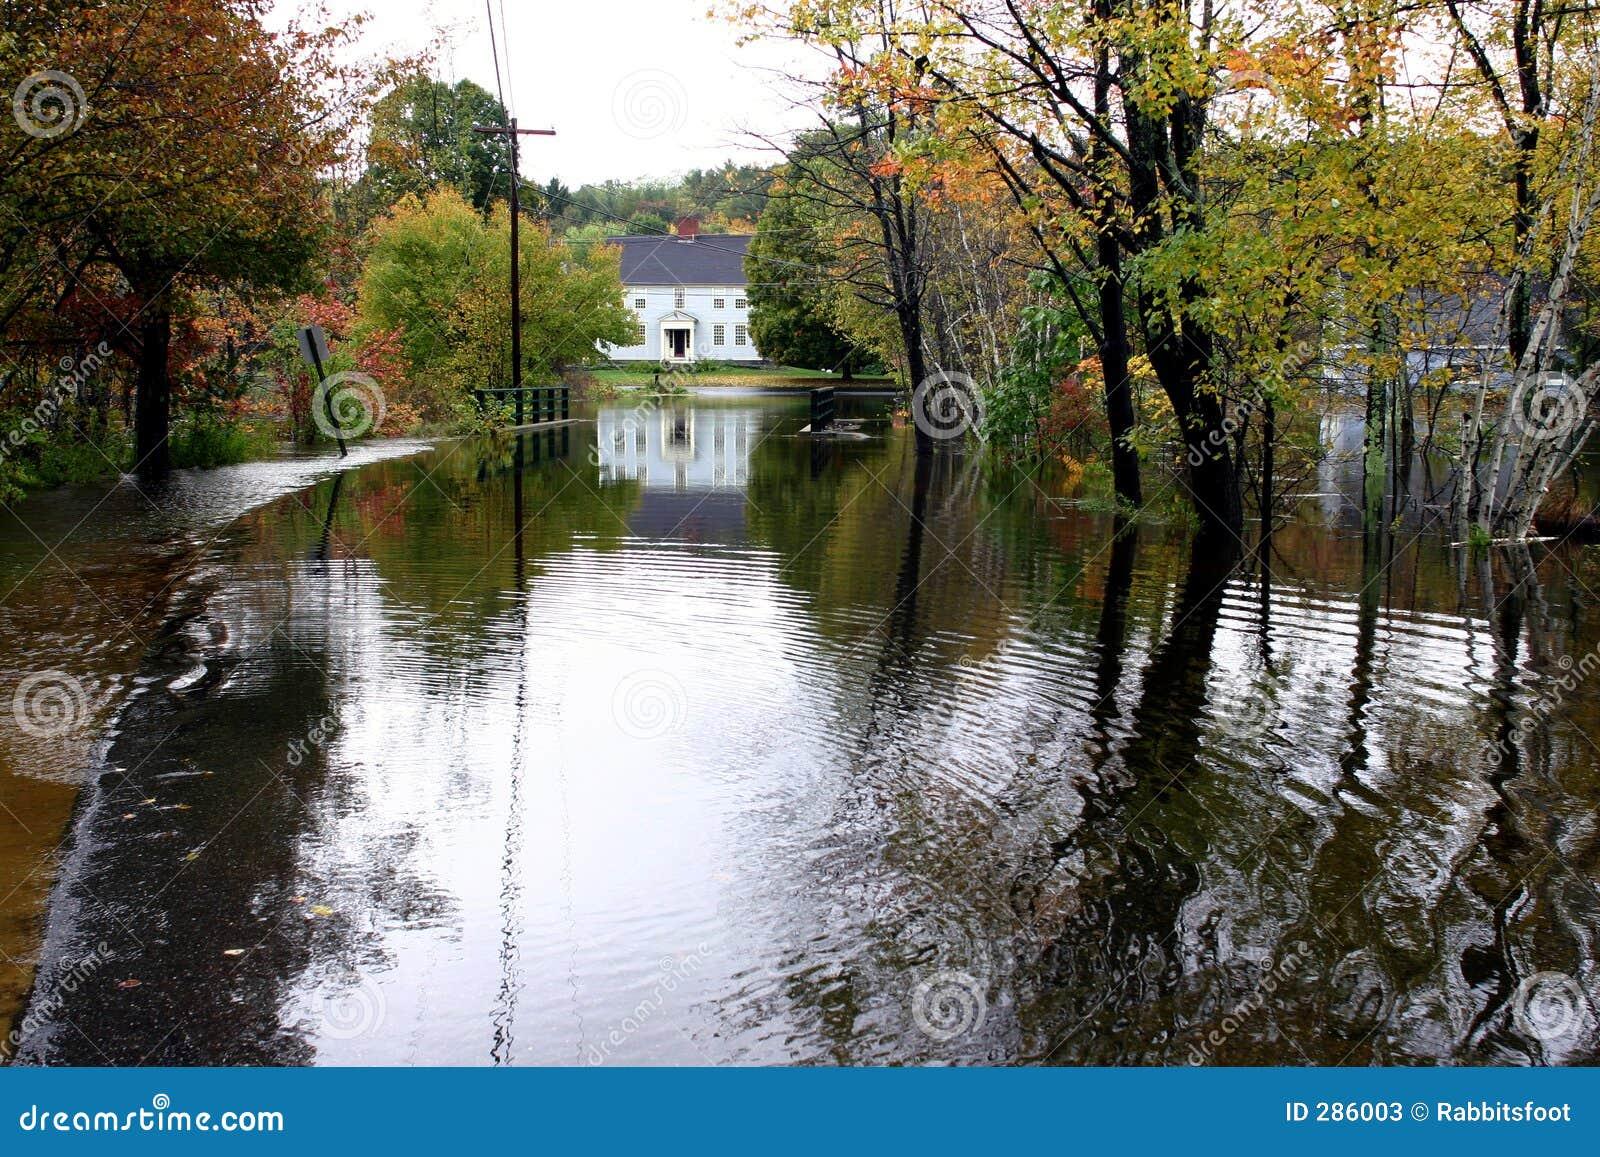 Land 5 översvämmade körbanan